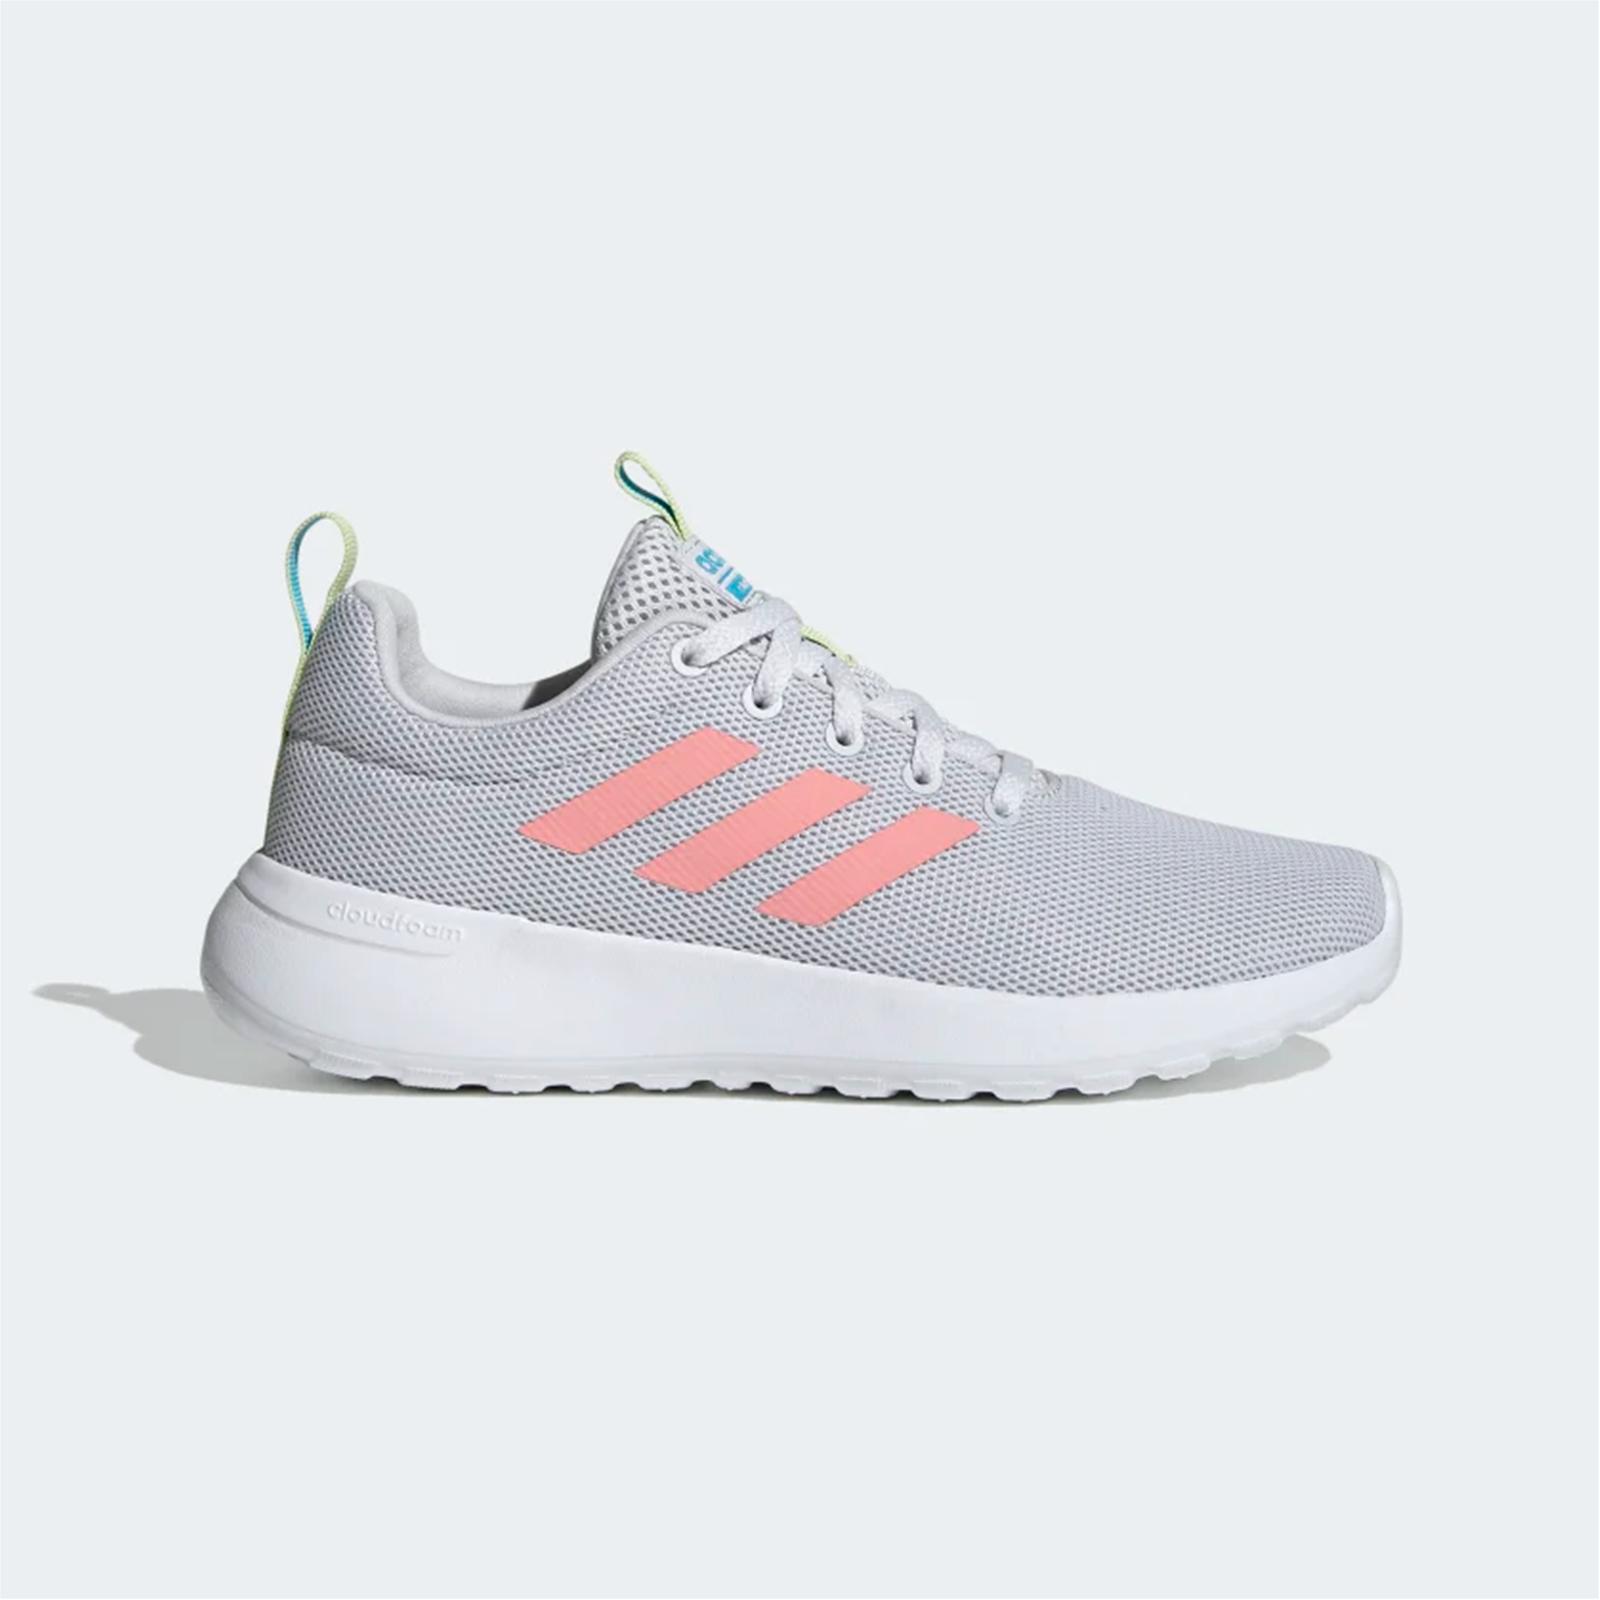 Dettagli su Scarpette Adidas EG3049 Lite Racer CLN bambina colore bianca listino € 44,95